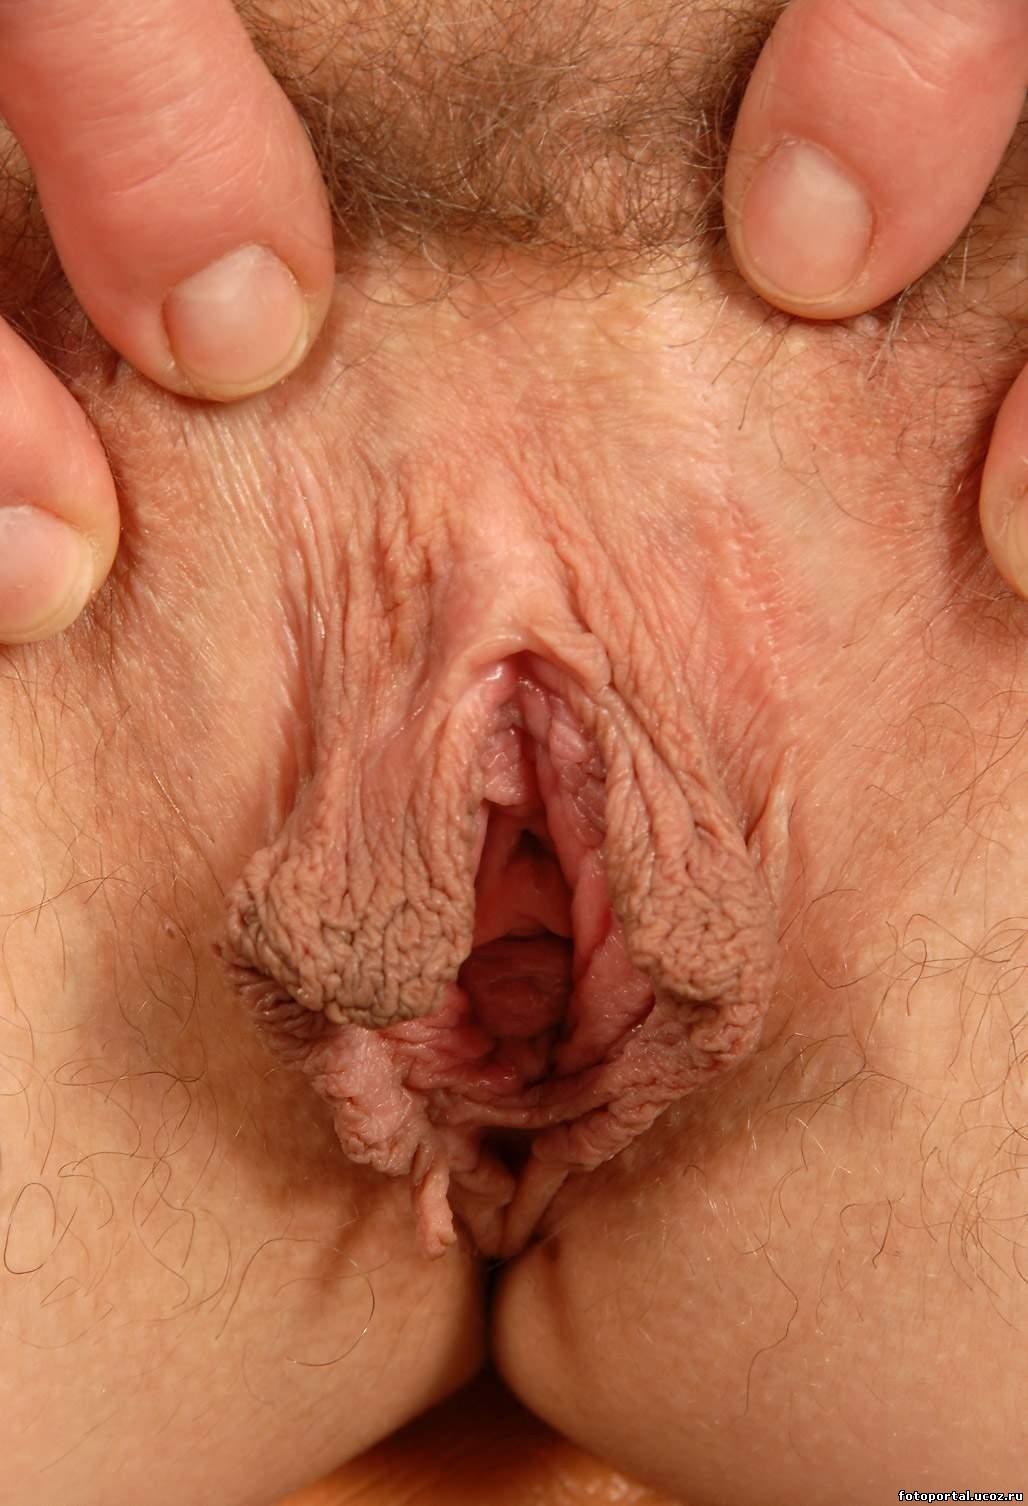 Самый маленький половой орган фото 15 фотография